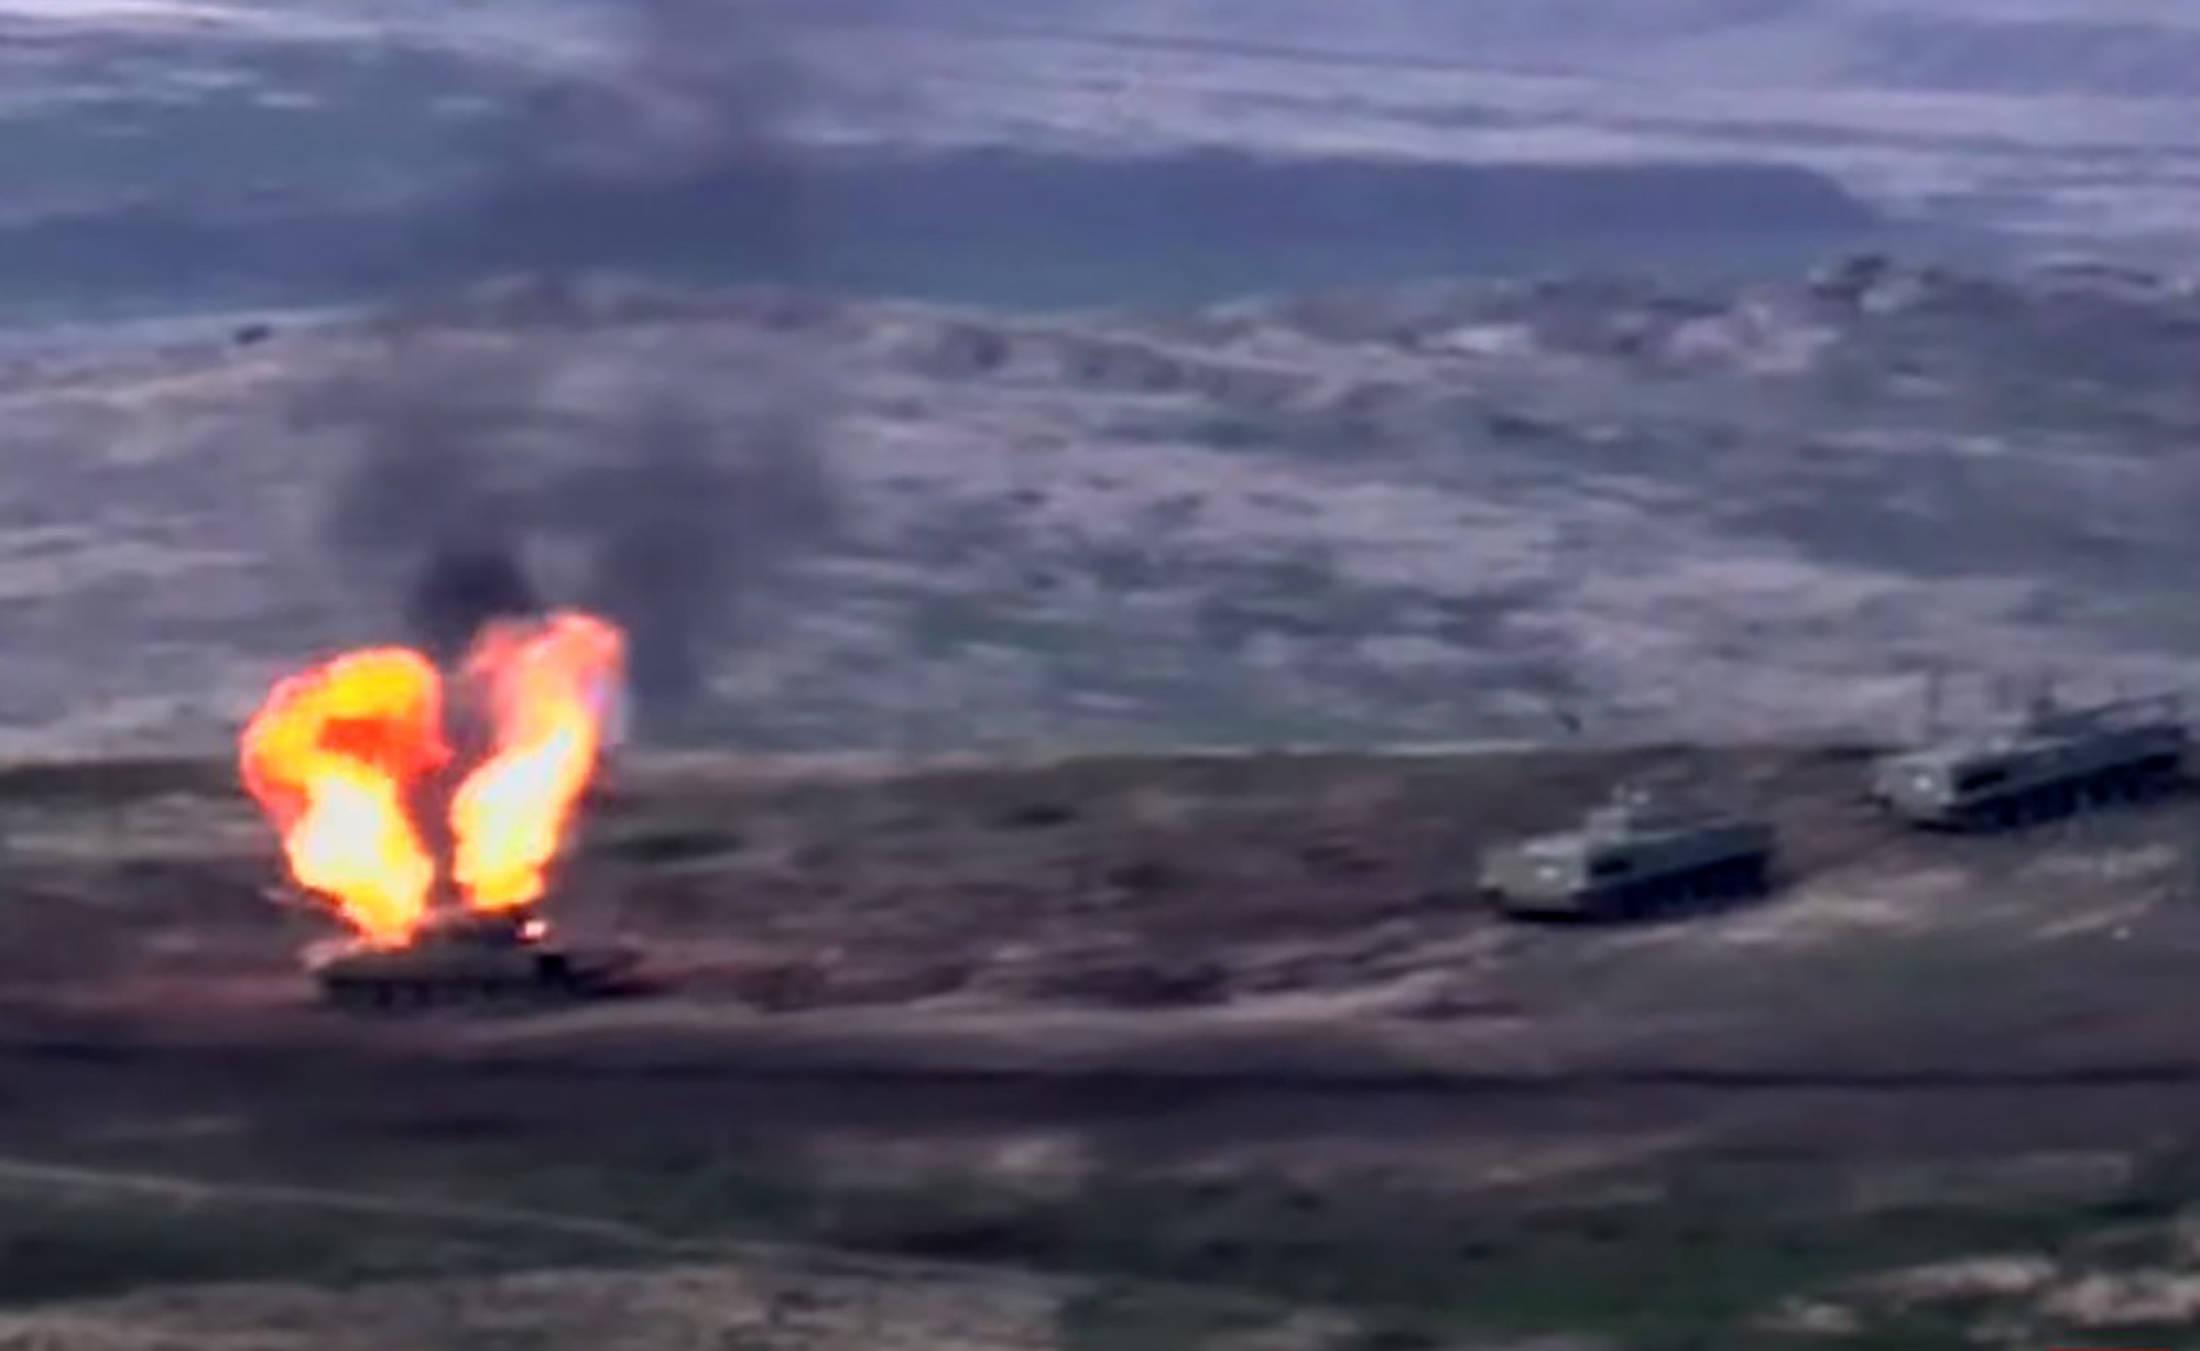 Armenia y Azerbaiyán se asoman a una guerra a gran escala - Más Regiones -  Internacional - ELTIEMPO.COM